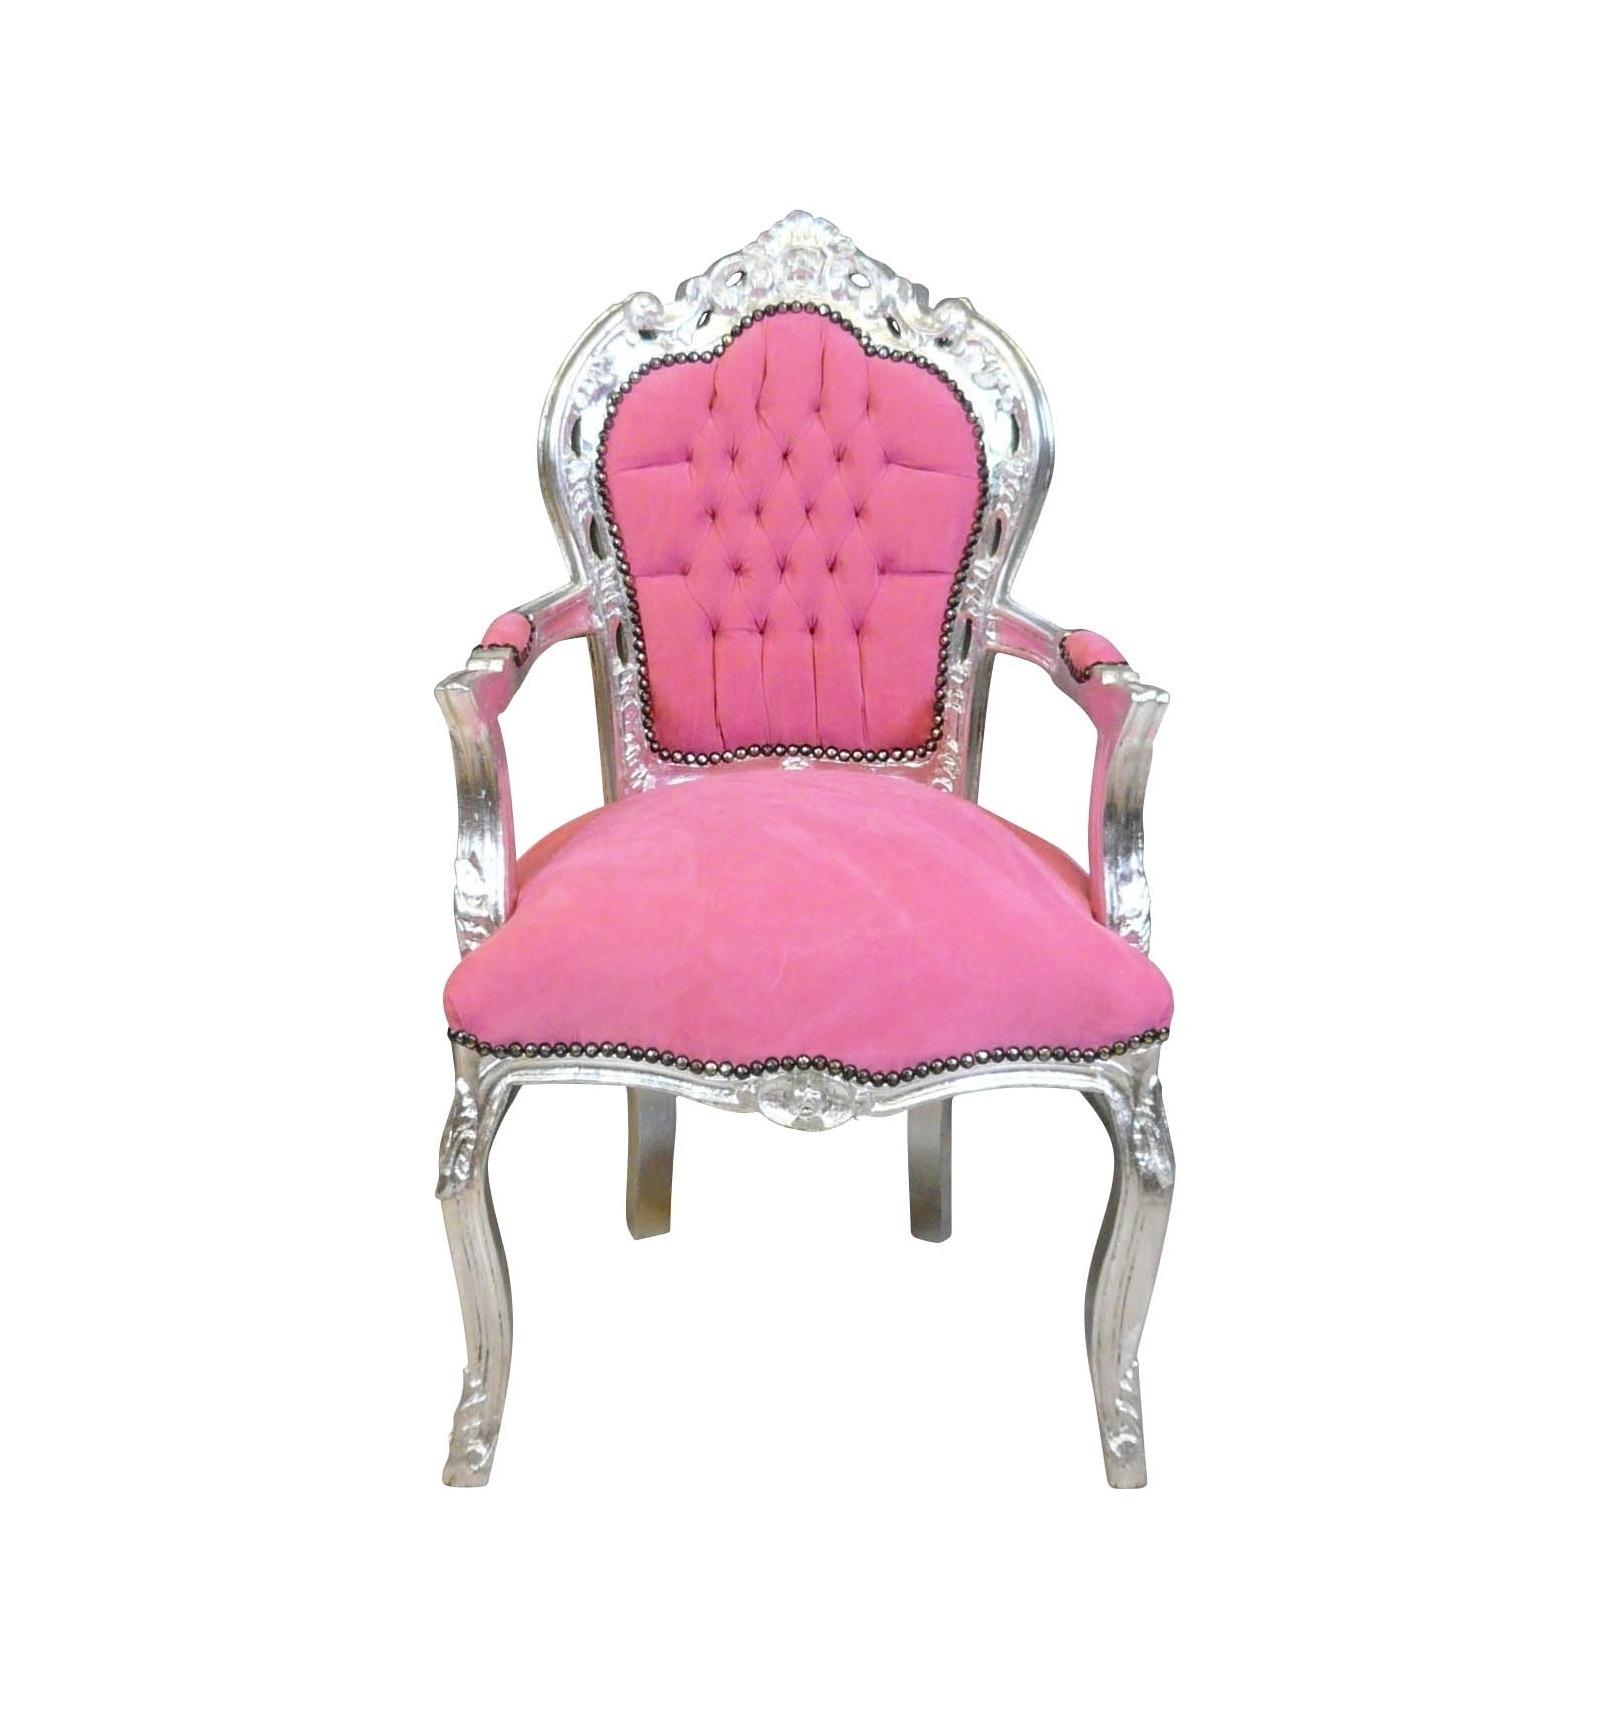 Fauteuil baroque rose et argent mobilier baroque pas cher - Chaise de bureau baroque ...